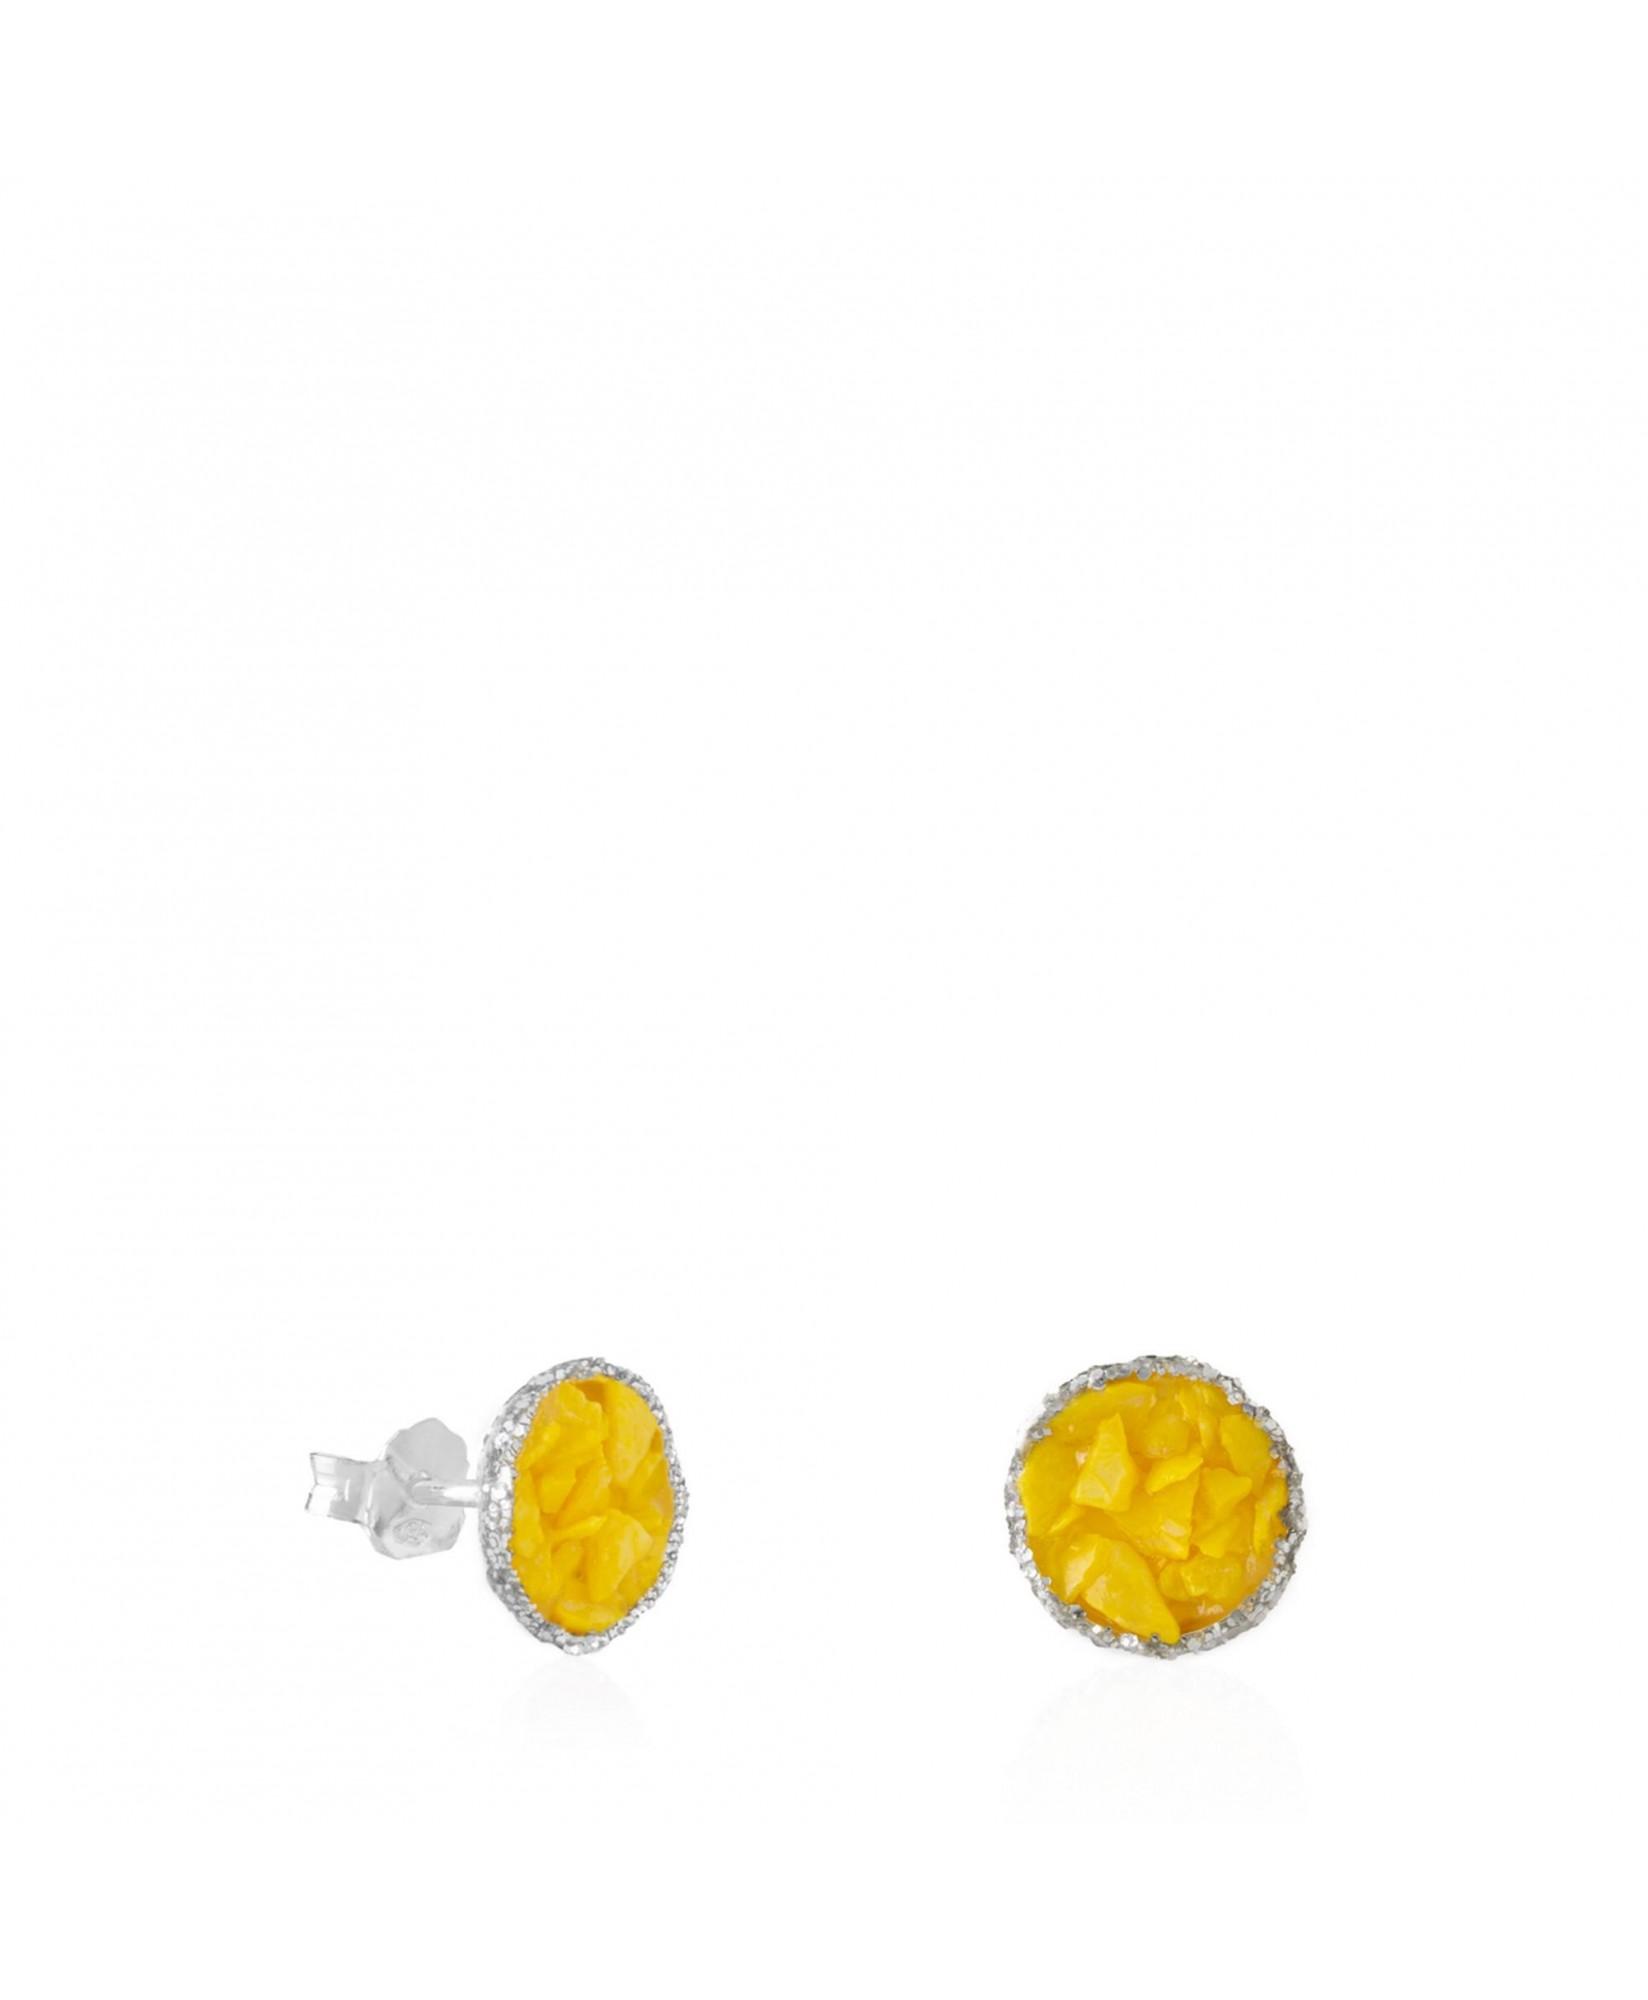 Pendientes dormilonas de plata medianos Sun con nácar color amarillo Pendientes dormilonas de plata medianos Sun con nácar color amarillo